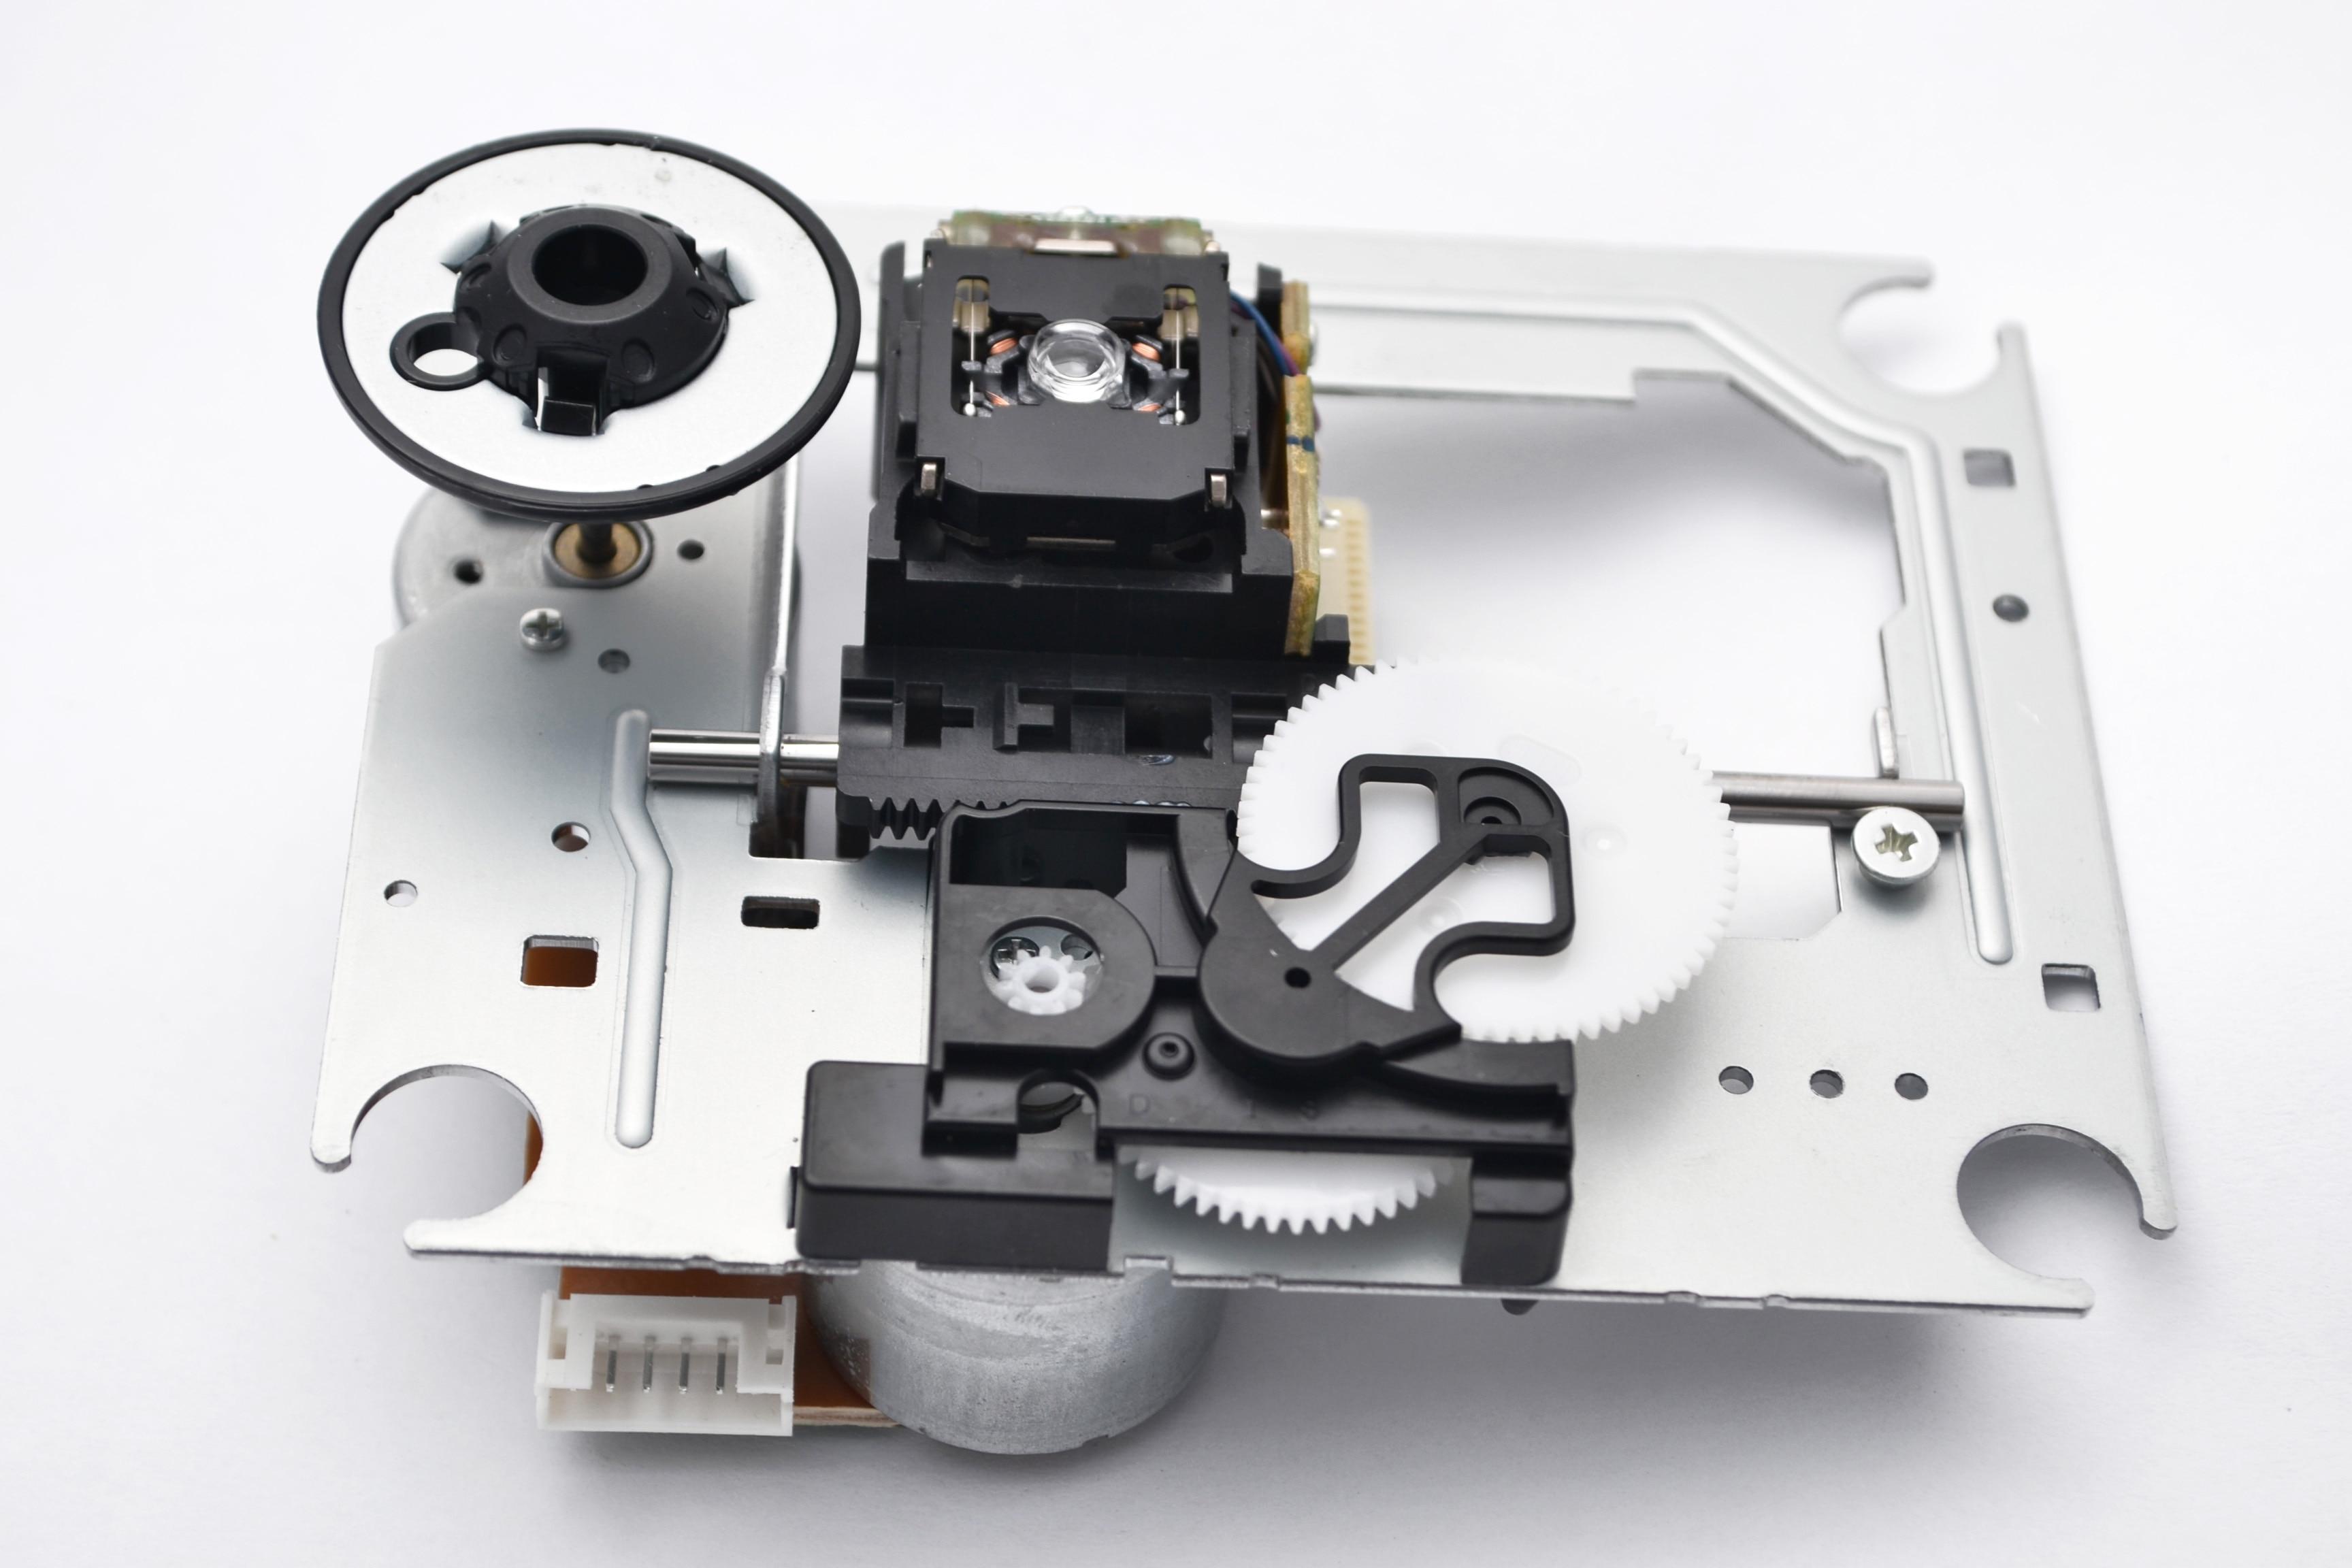 Remplacement d'origine pour DENON DCD-510AE lecteur CD Laser LensLasereinheit assemblage DCD510AE unité Optique de Bloc de ramassage Optique